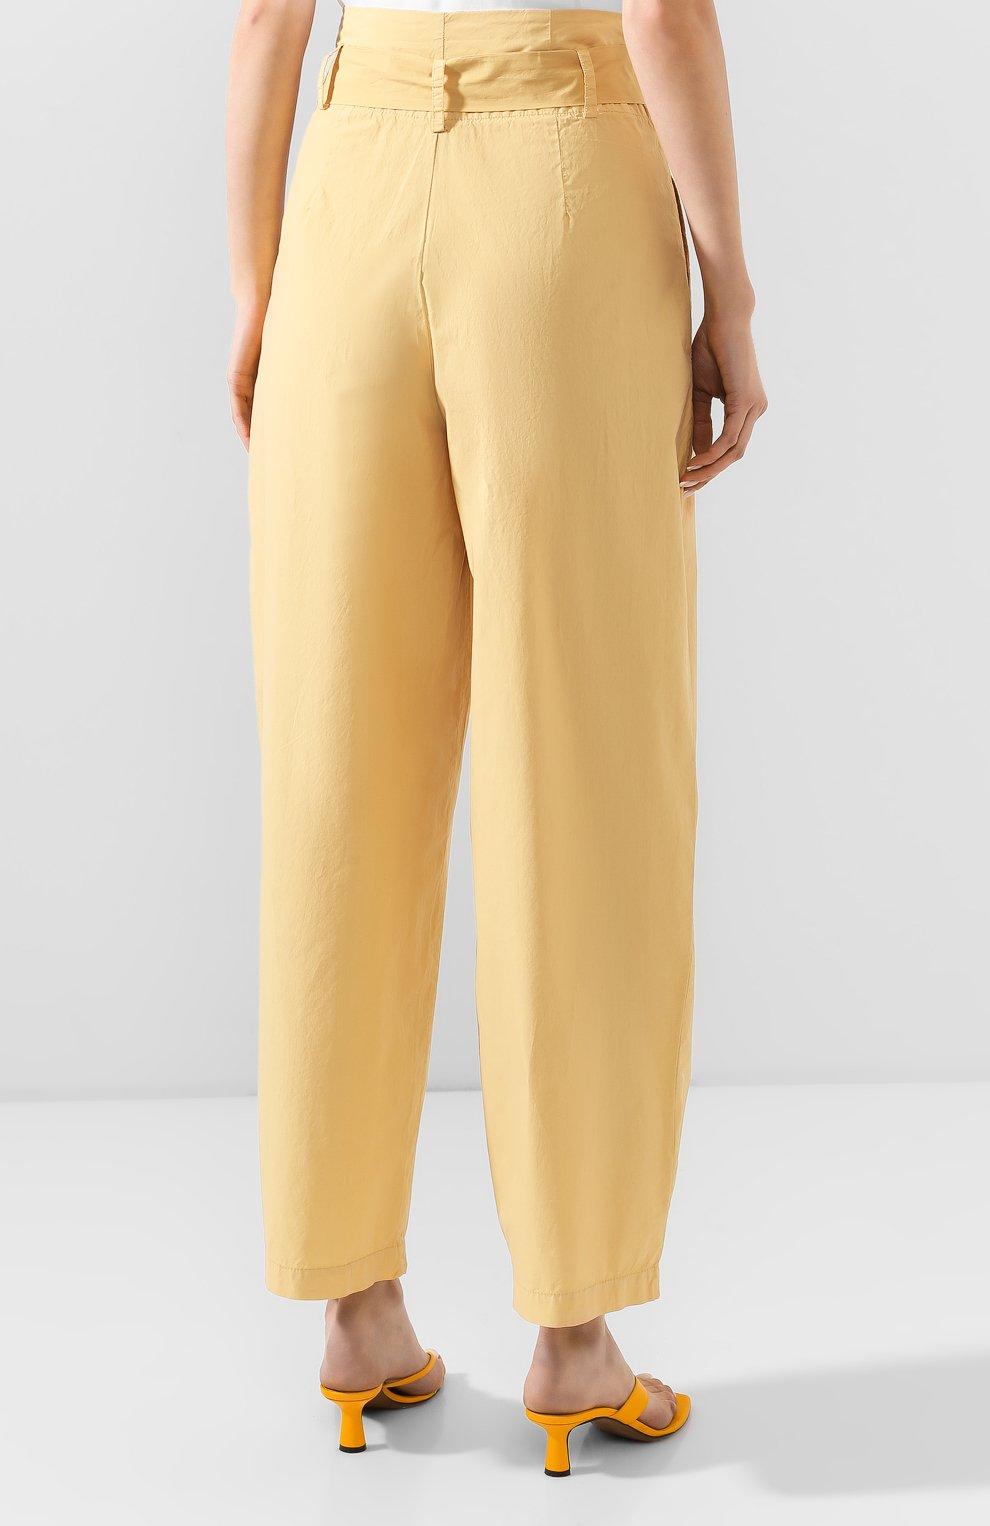 Женские хлопковые брюки NUDE желтого цвета, арт. 1103753/TR0USERS   Фото 3 (Длина (брюки, джинсы): Стандартные; Женское Кросс-КТ: Брюки-одежда; Материал внешний: Хлопок)